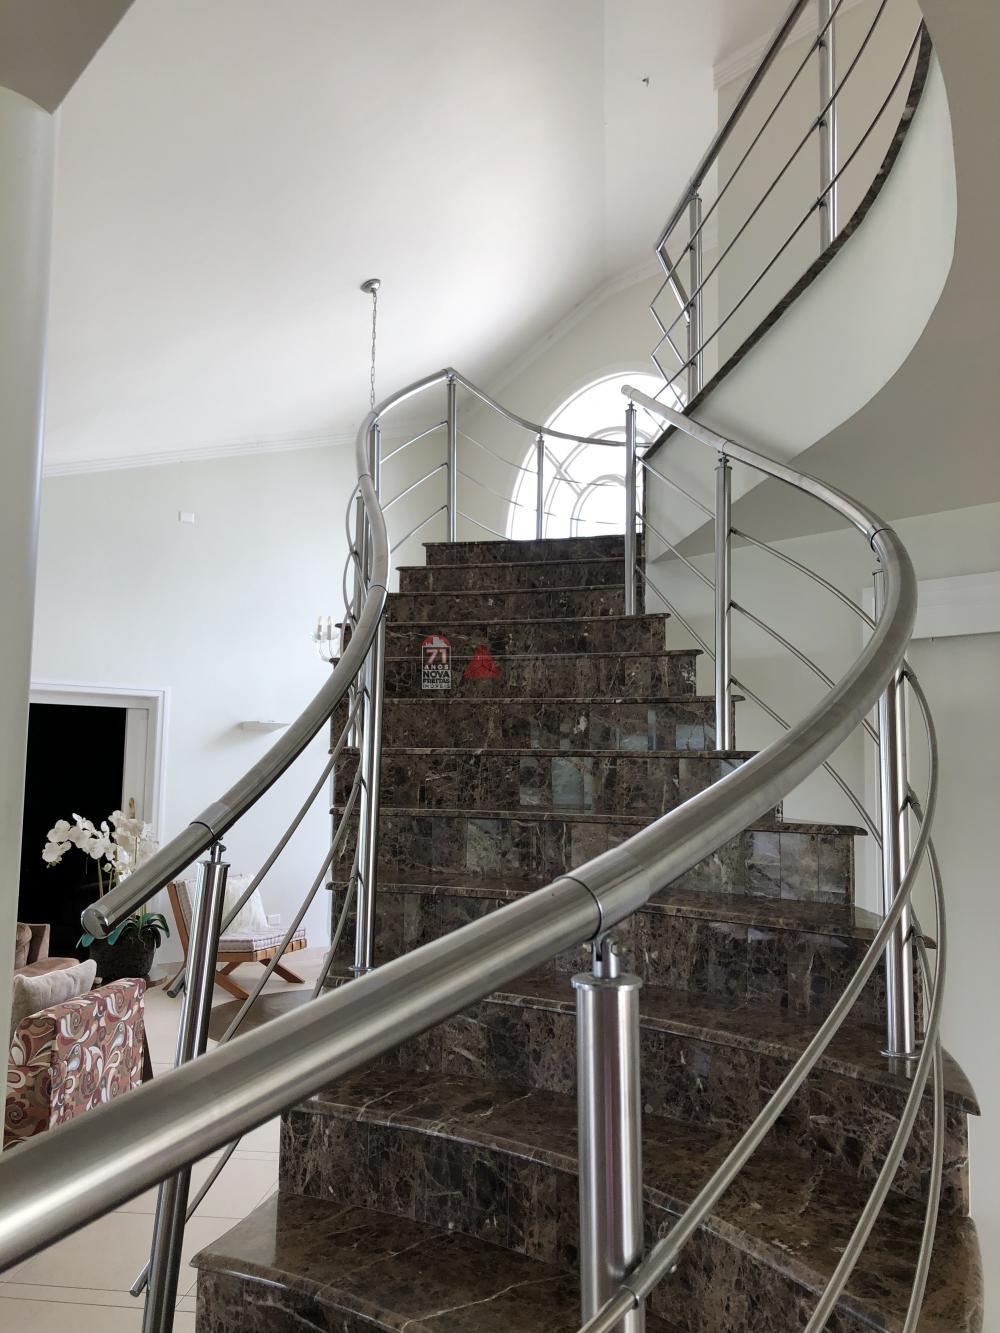 Comprar Casa / Sobrado em Condomínio em São José dos Campos R$ 3.200.000,00 - Foto 6